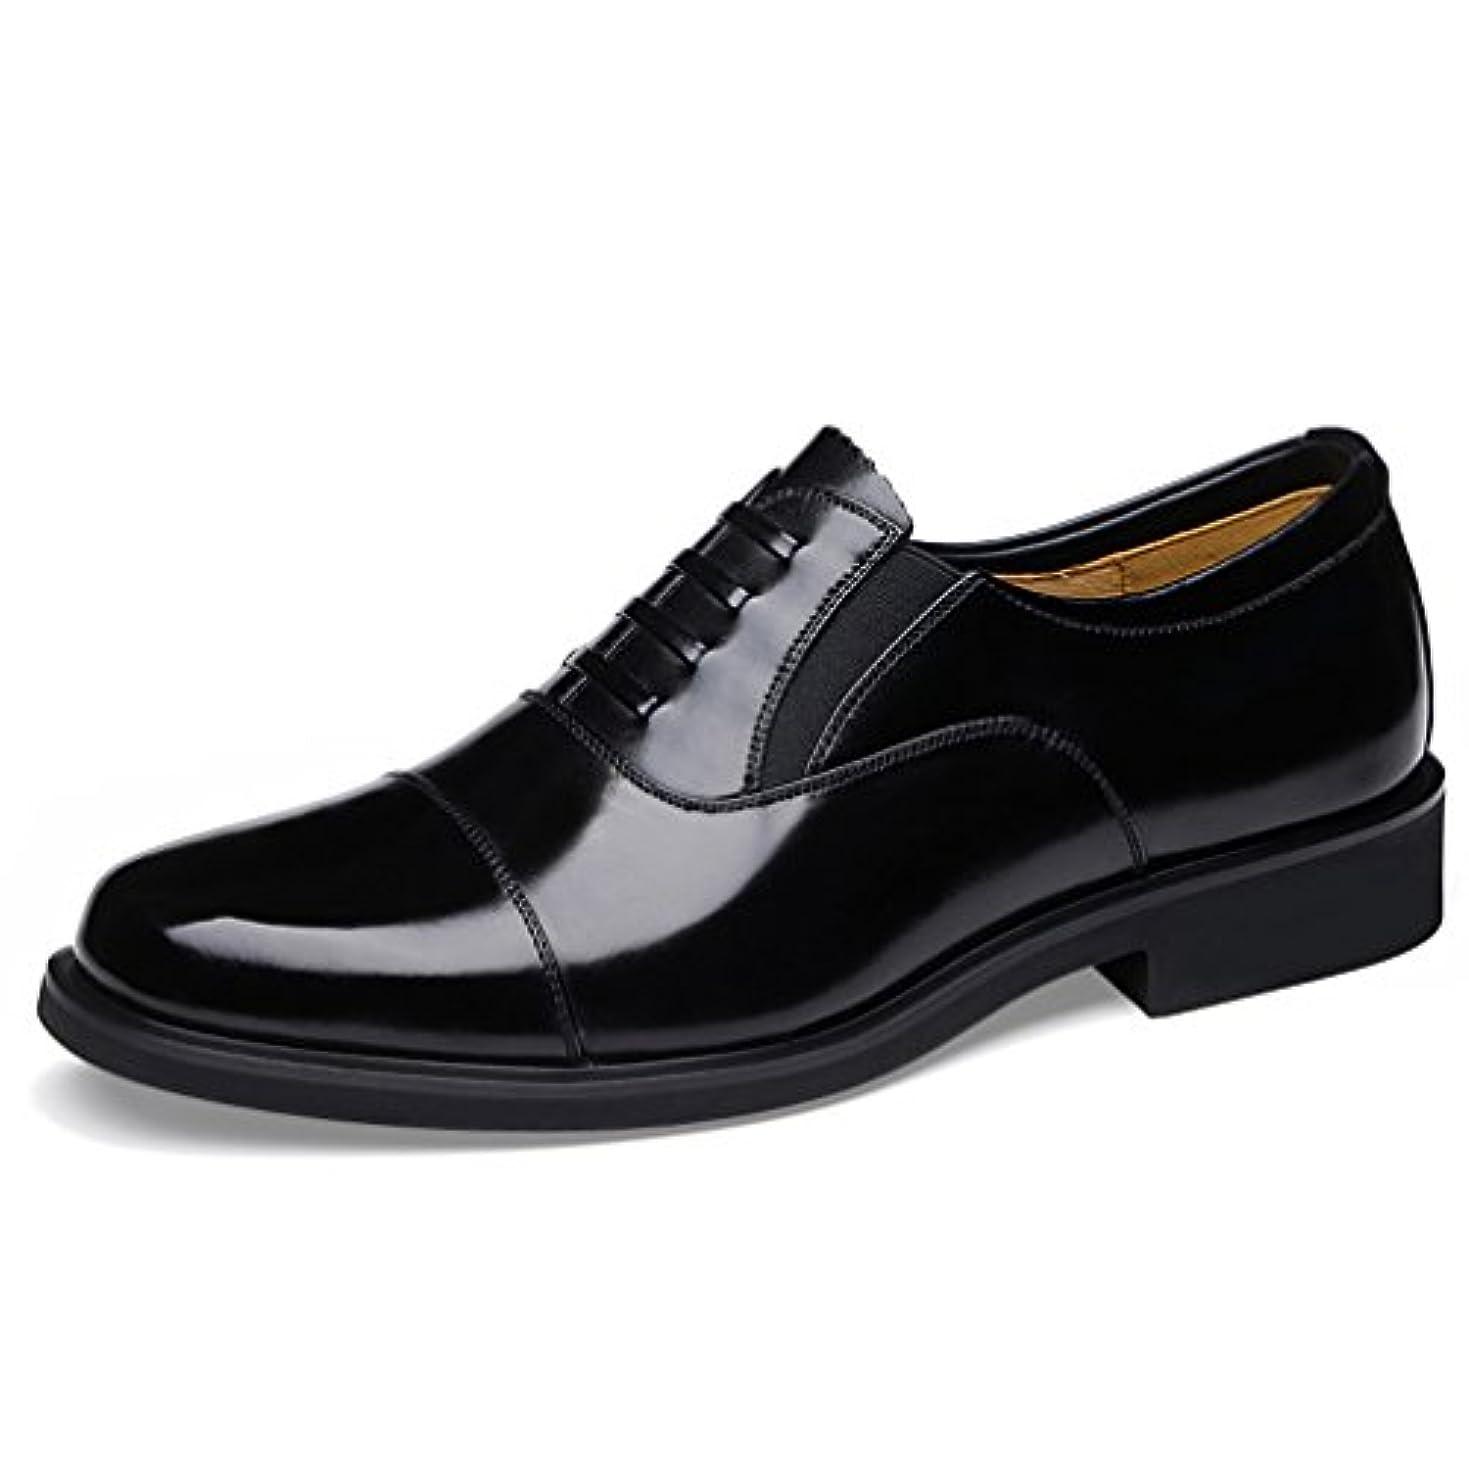 保持する用心深い現れるWEWIN ビジネスシューズ メンズ 本革 ローファー スリッポン サイドゴア 大きいサイズ 革靴 ストレートチップ ファッション 防滑 通気 黒